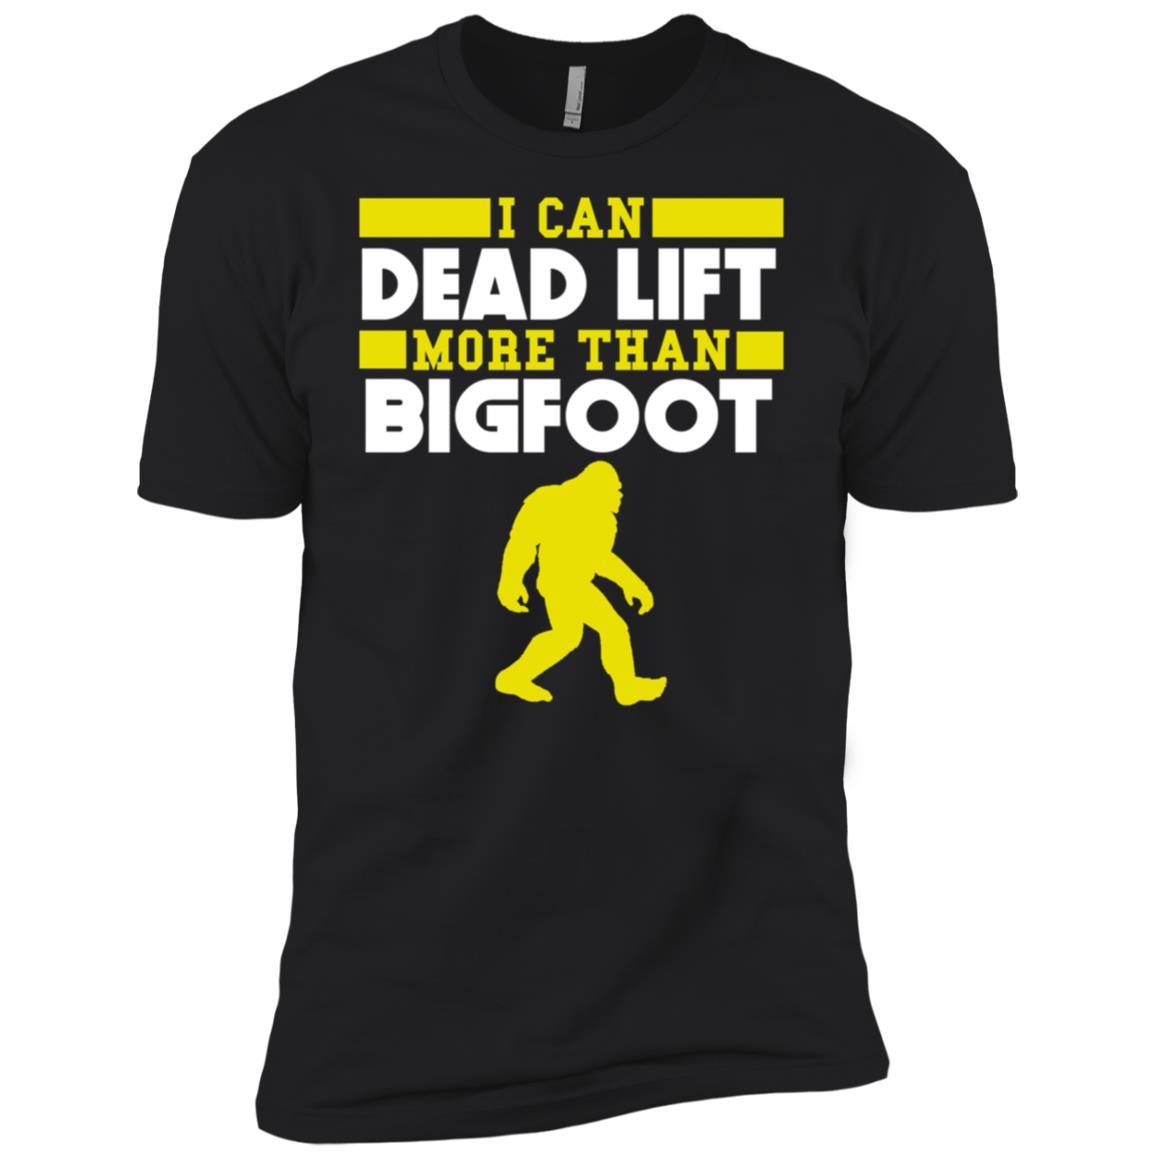 I Can Dead Lift More Than Bigfoot Funny -1 Men Short Sleeve T-Shirt